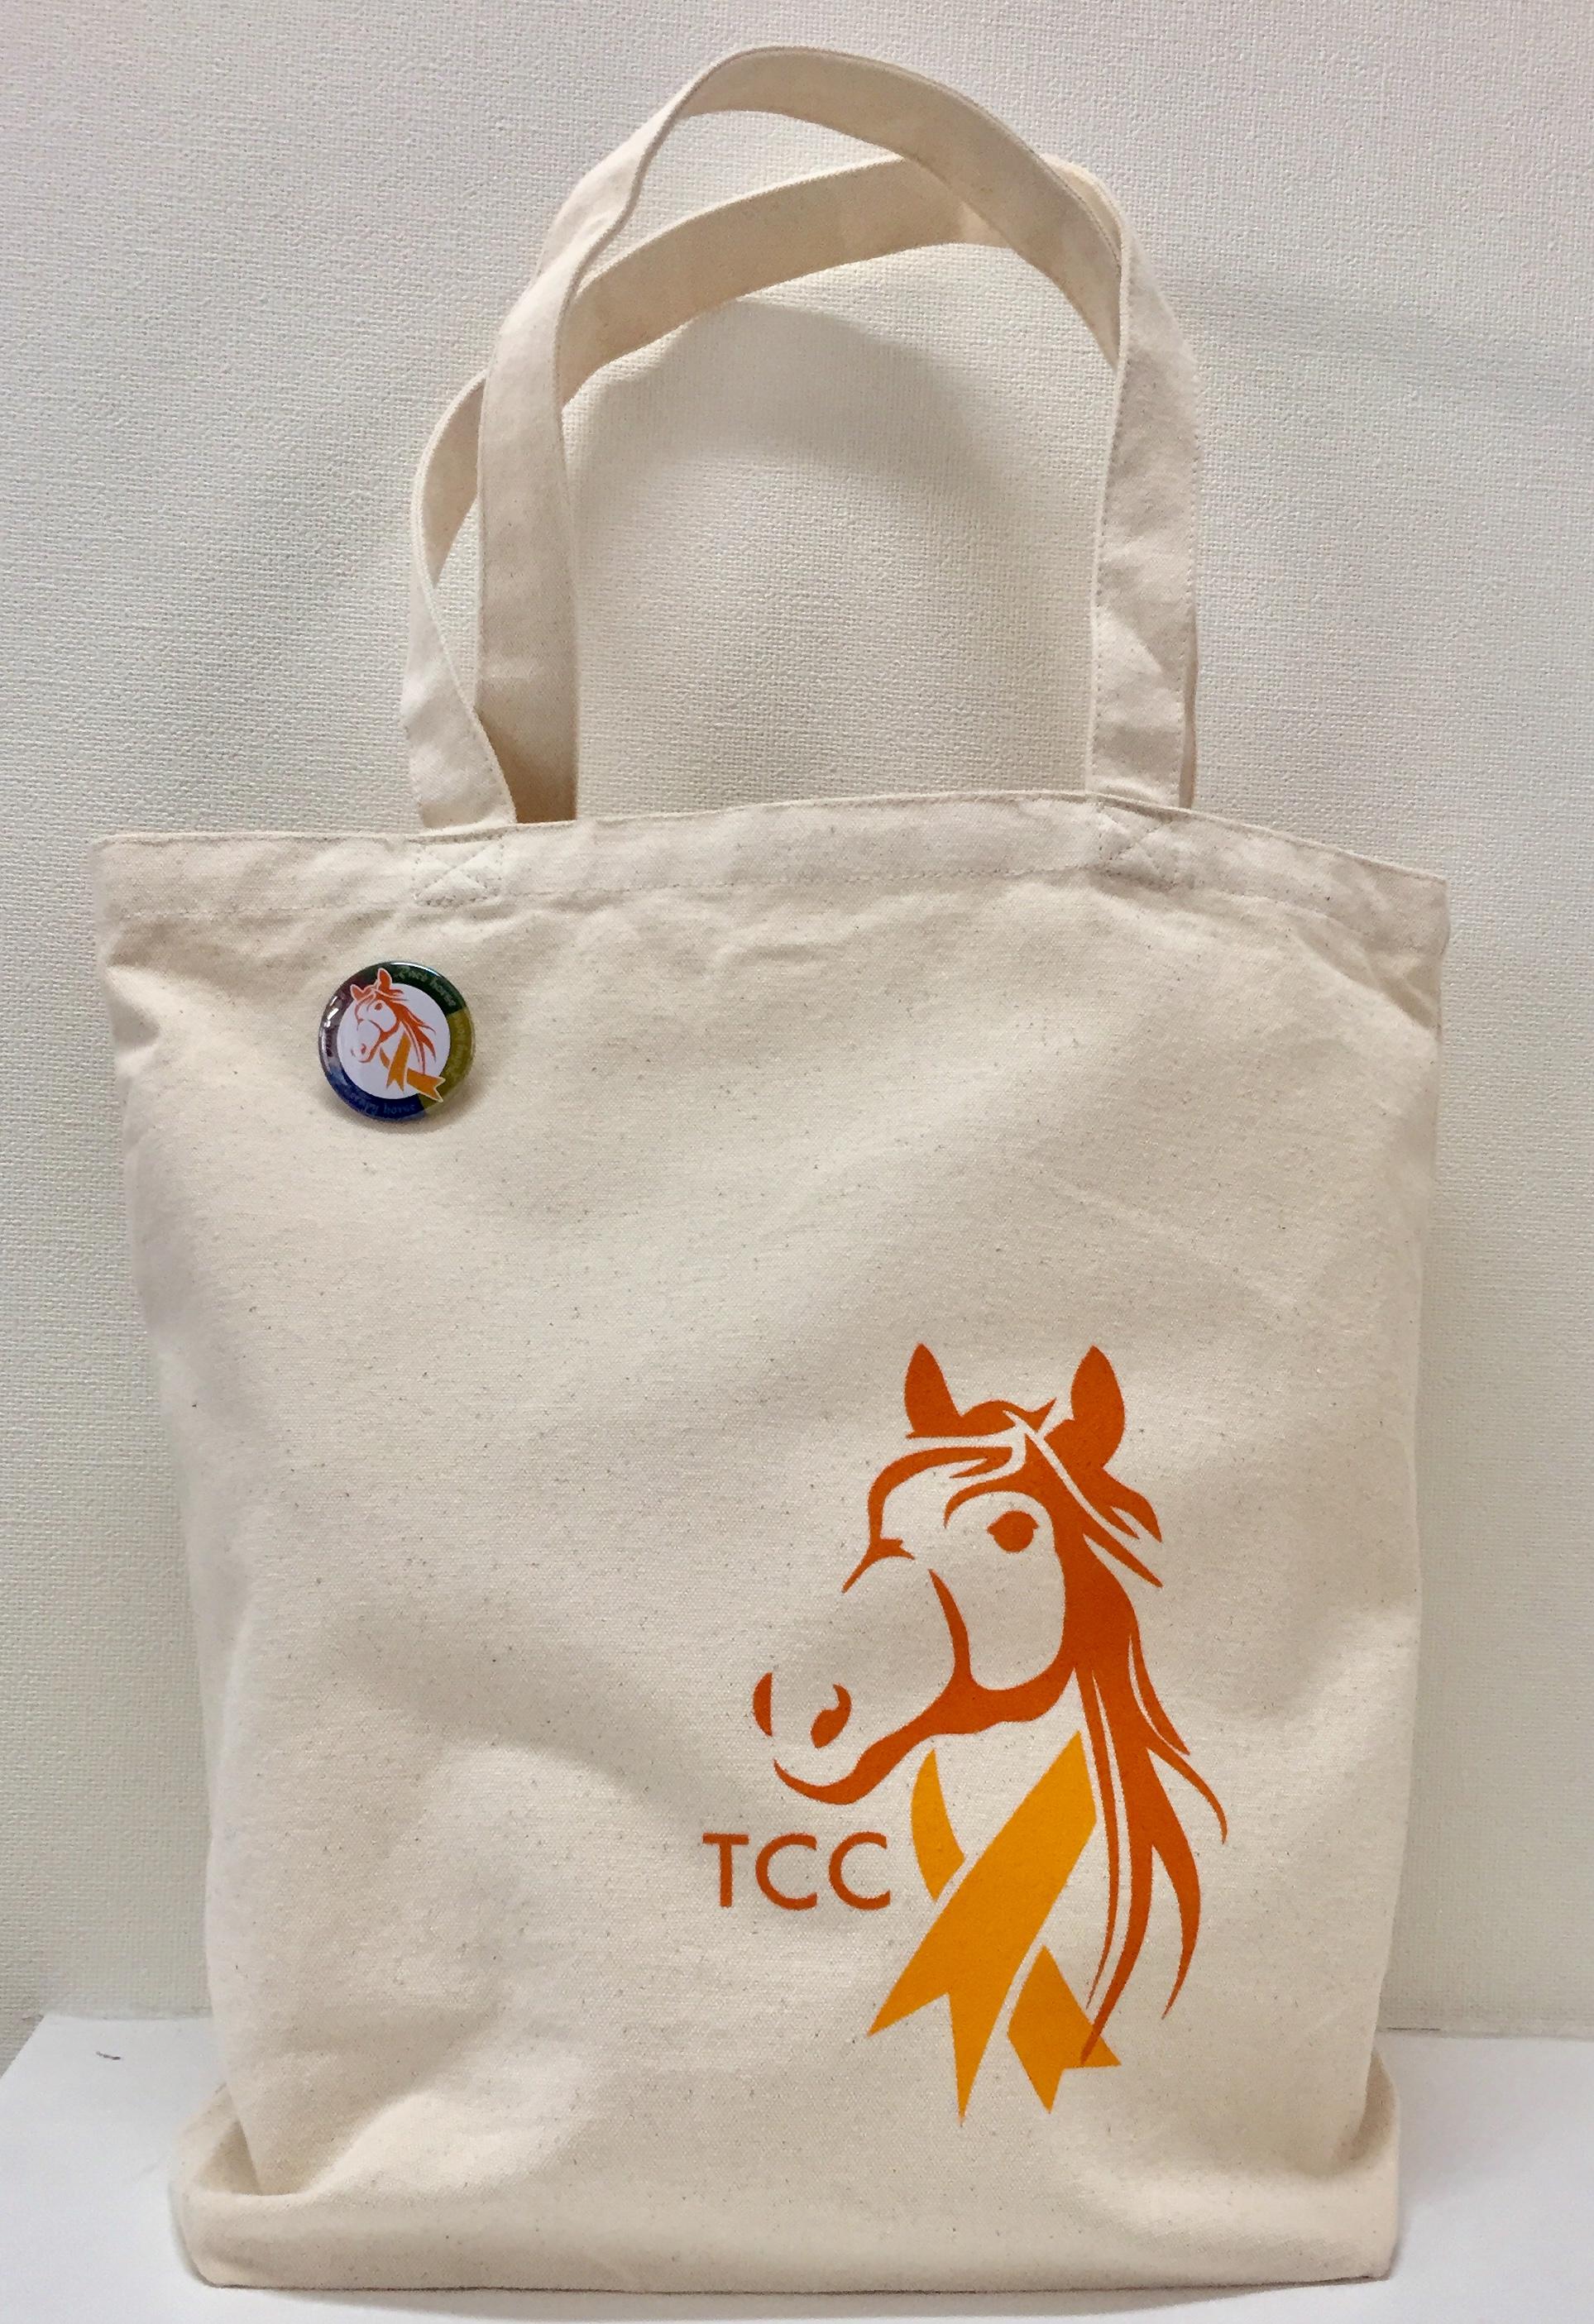 TCCオリジナルトートバッグ大(ネイビー)